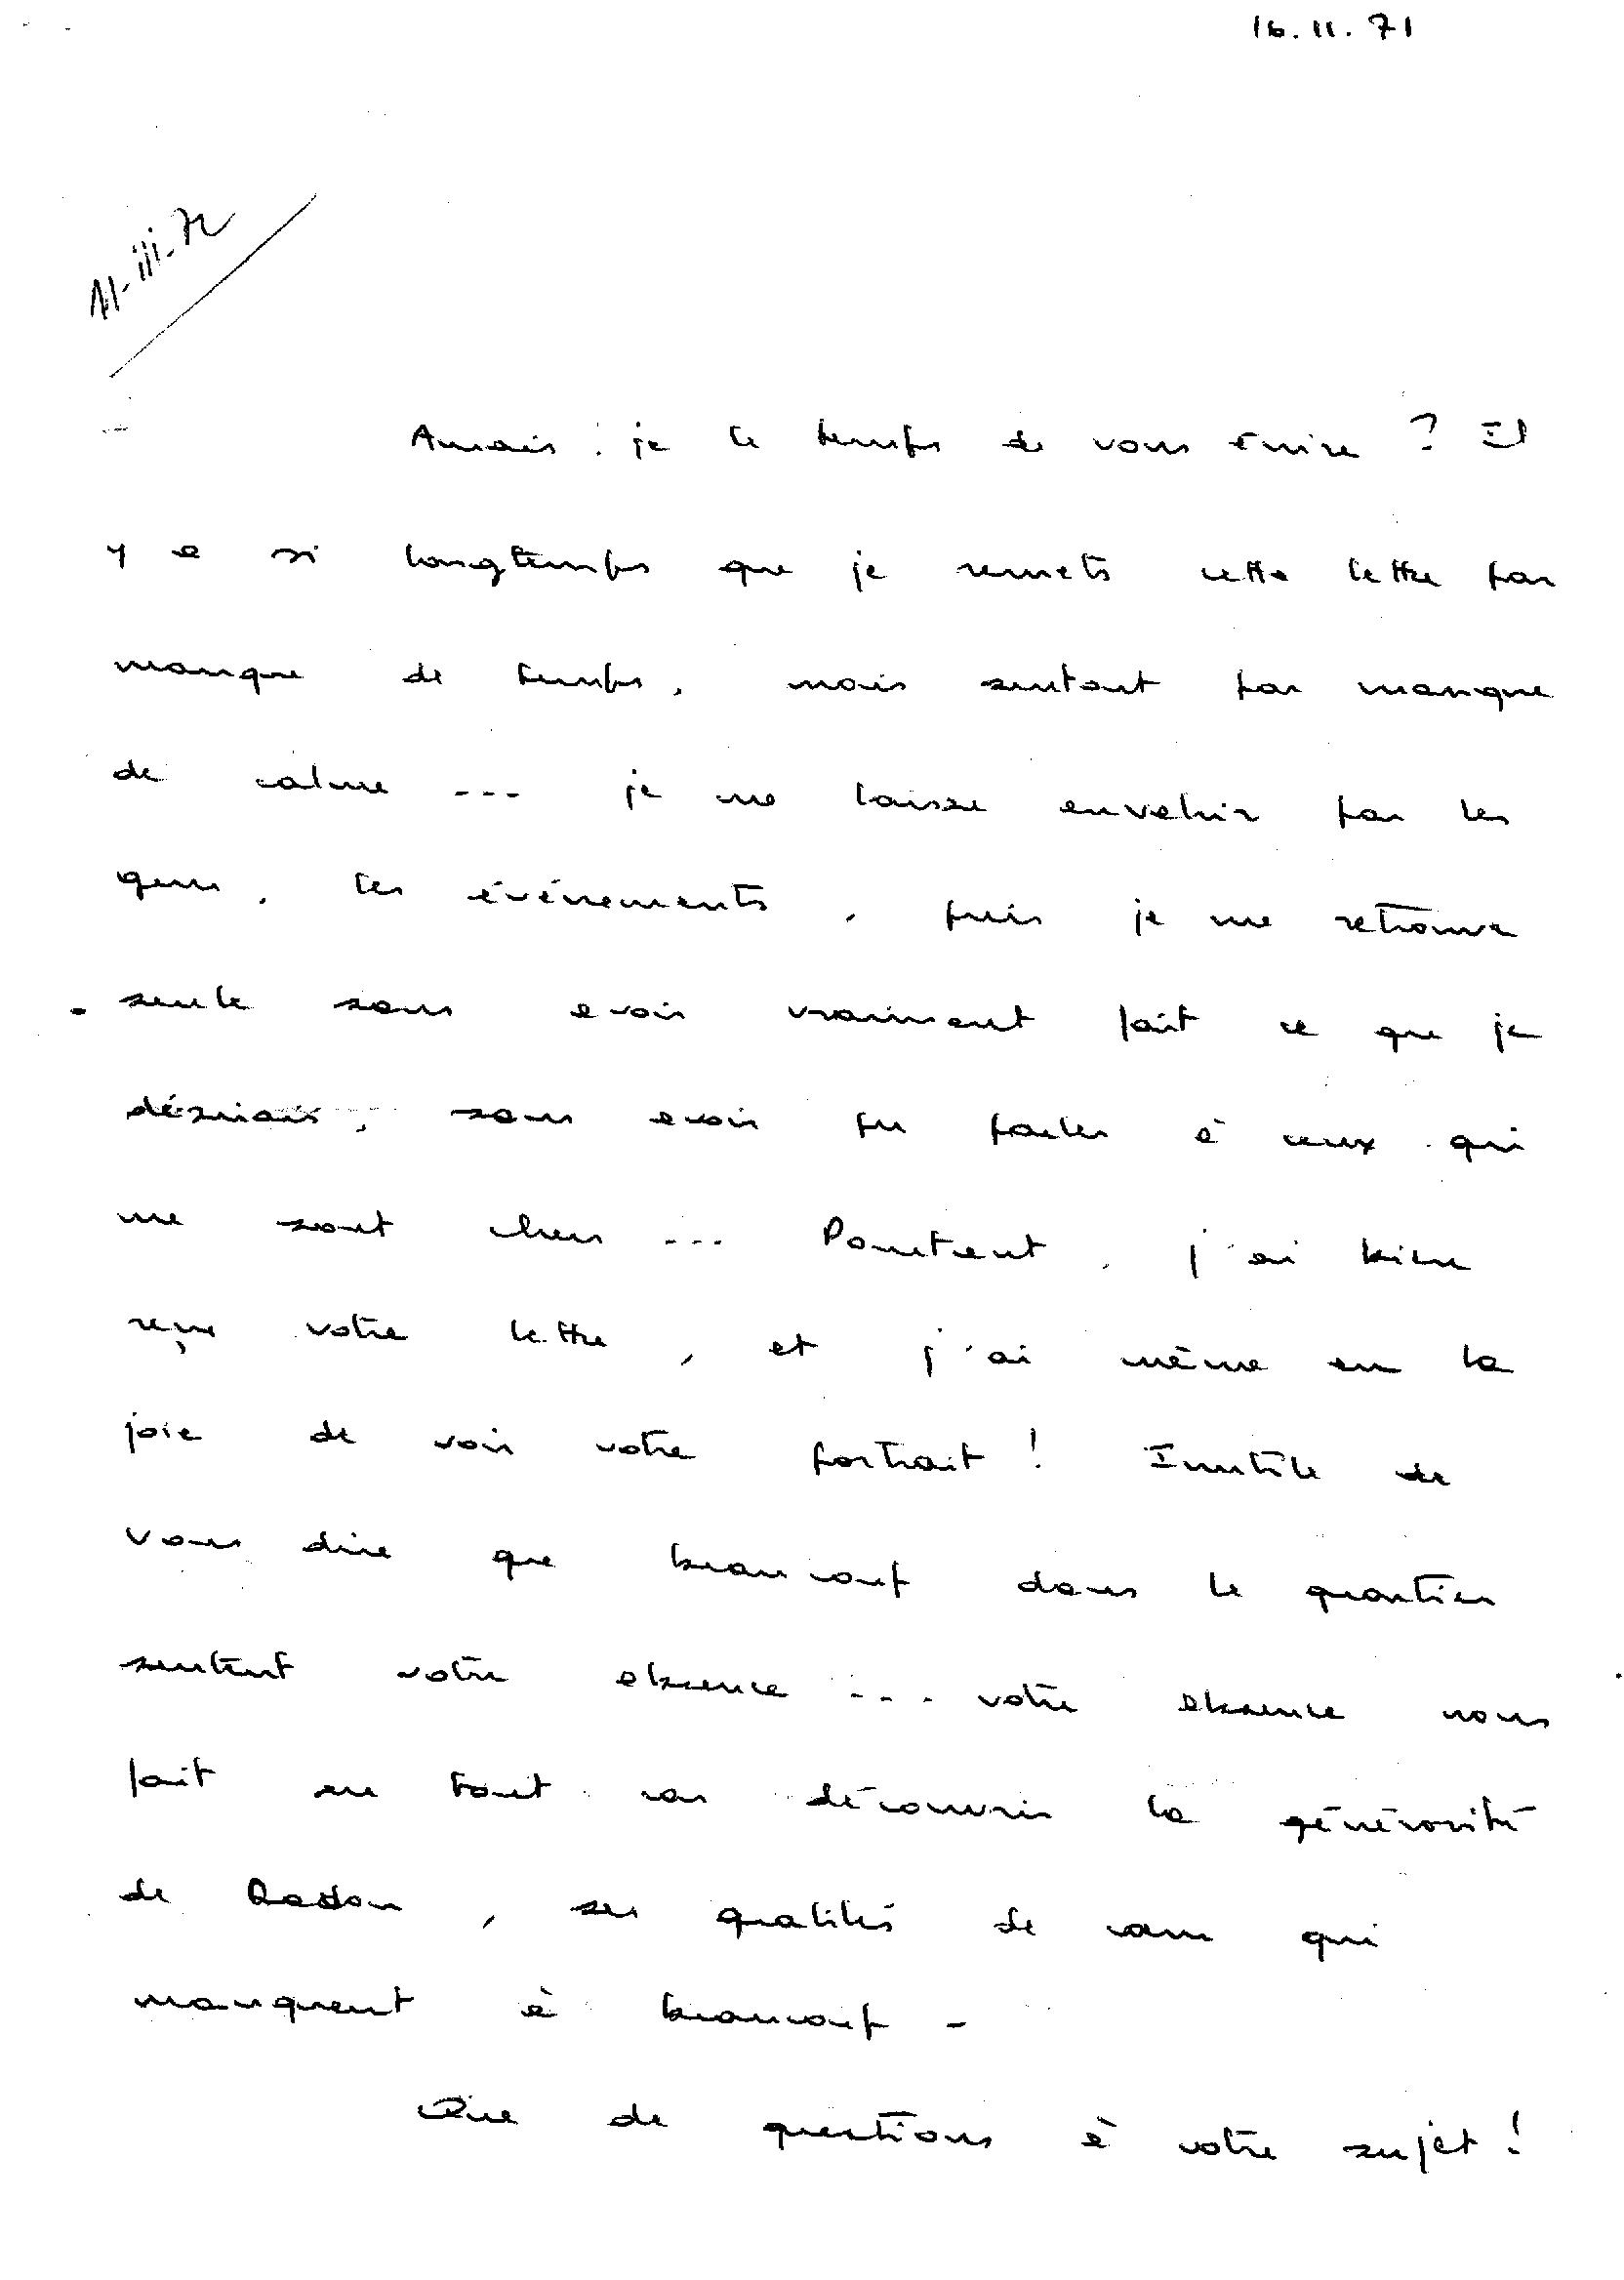 04311.004.004- pag.1